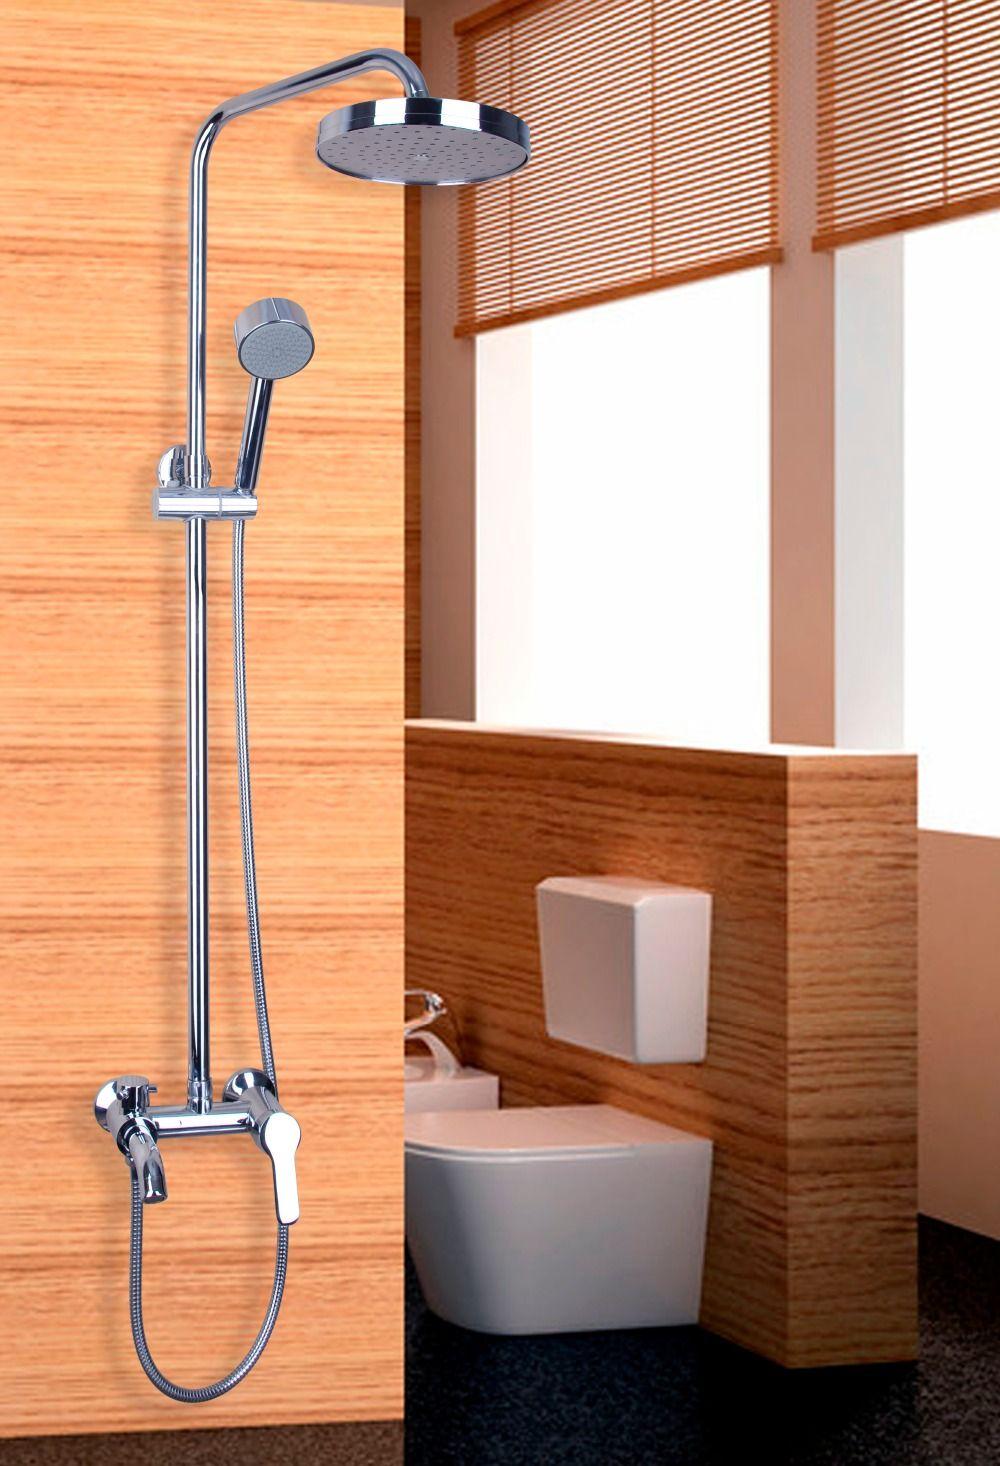 Wall Installation Chrome Mixer 8 Rain Shower Faucet Set W Hand